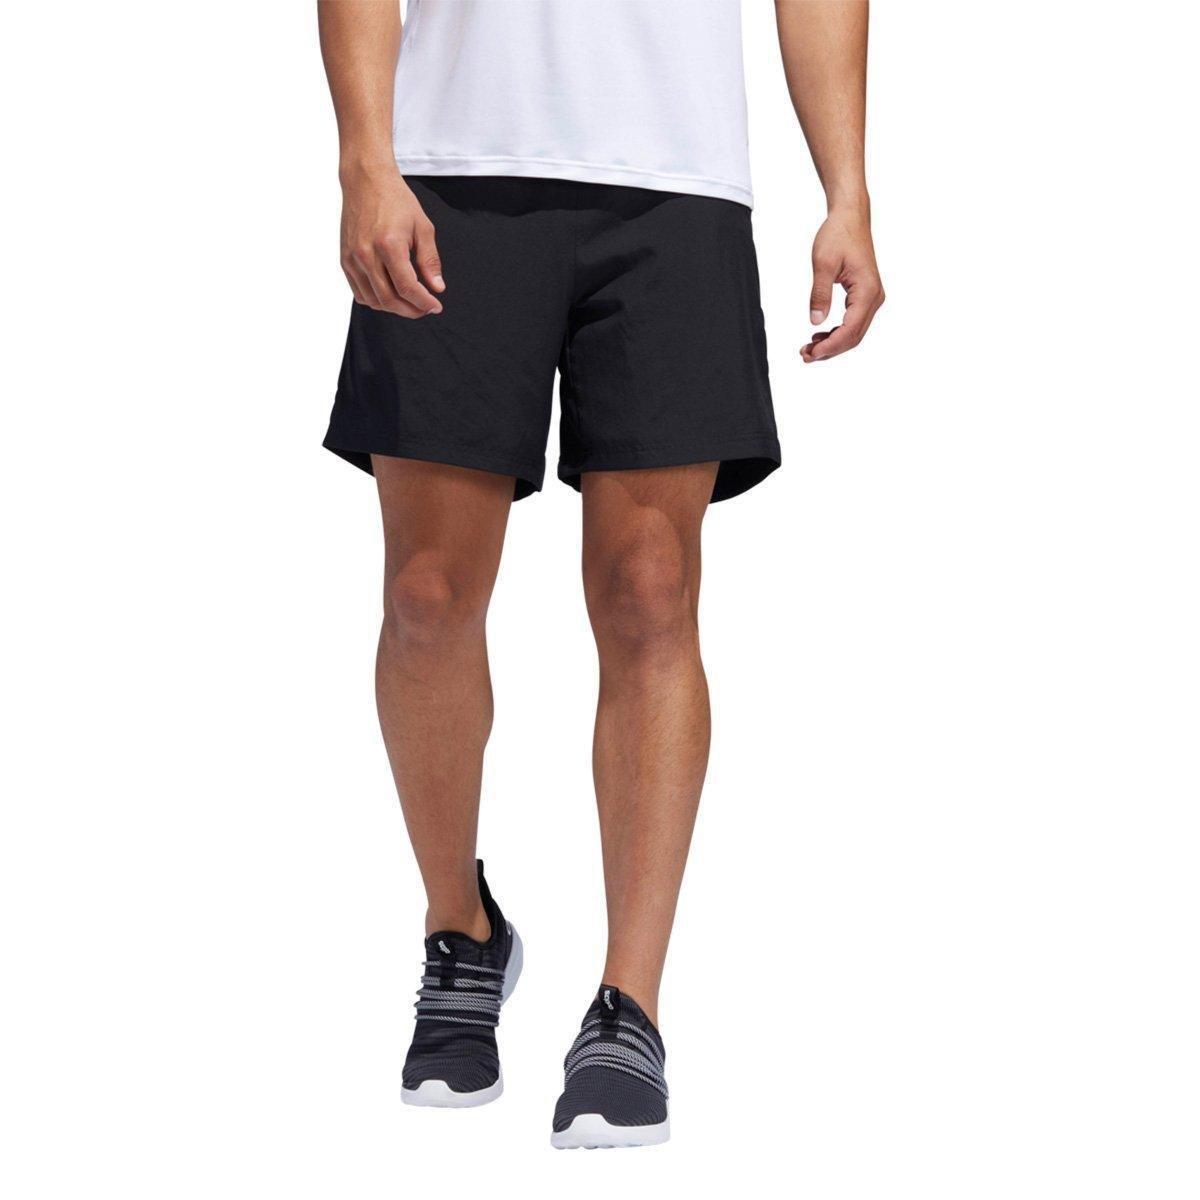 Short Adidas Own The Run Masculino - Tam: P